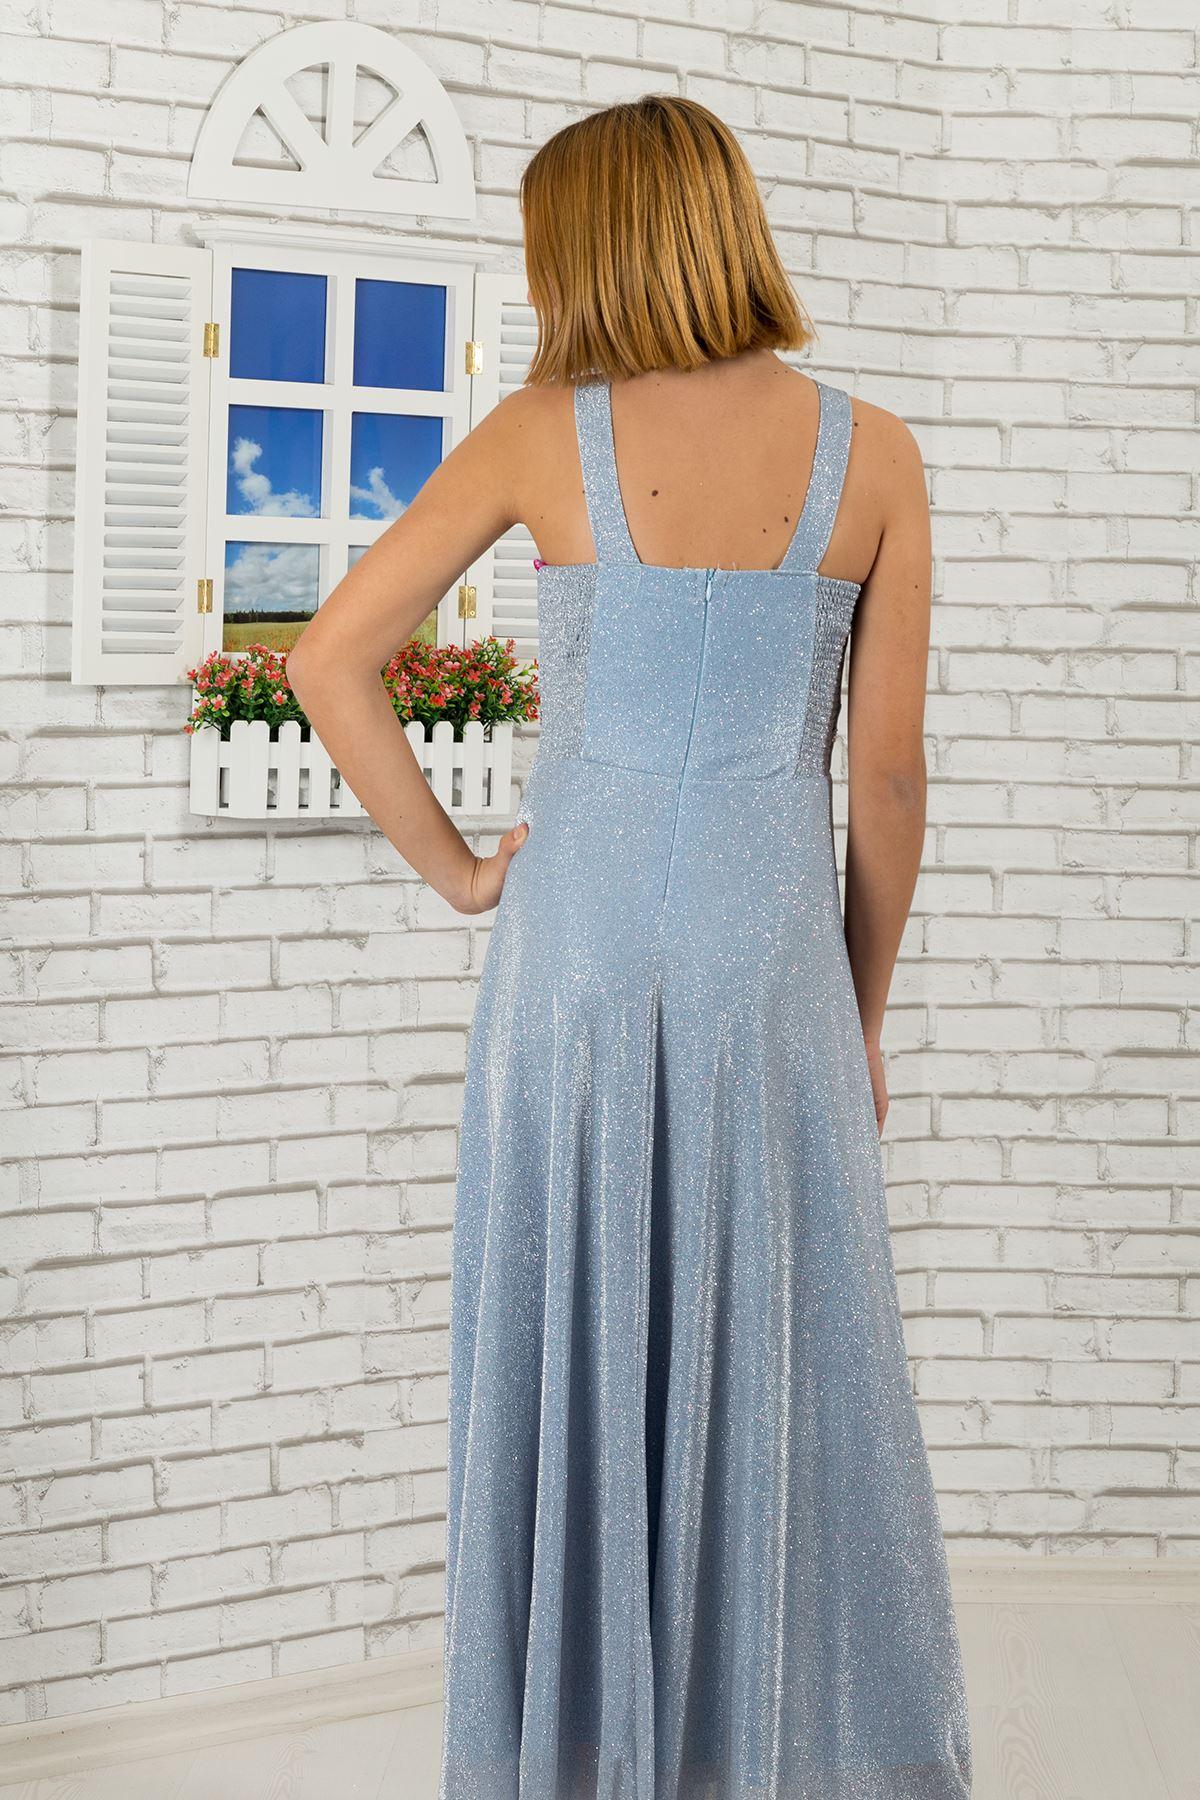 Pas a krk kámen detailní, stříbřité tkaniny dívka děti večerní šaty 469 Bebe Modrá